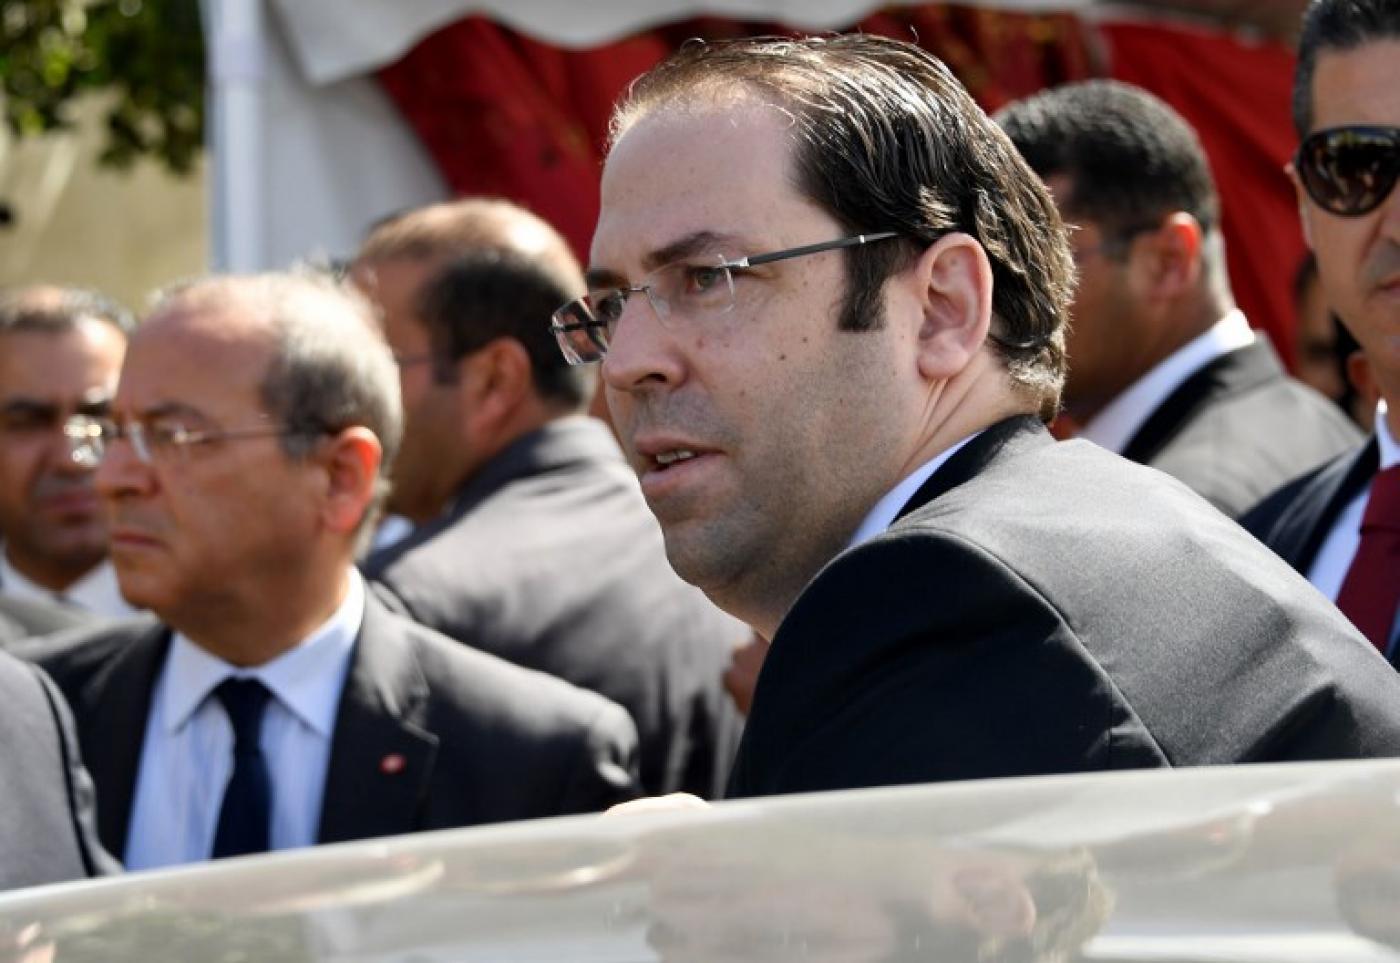 L'actuel Premier ministre Youcef Chahed, candidat à l'élection présidentielle, ne compte pas démissionner de son poste à la tête du gouvernement pendant la campagne électorale (AFP)